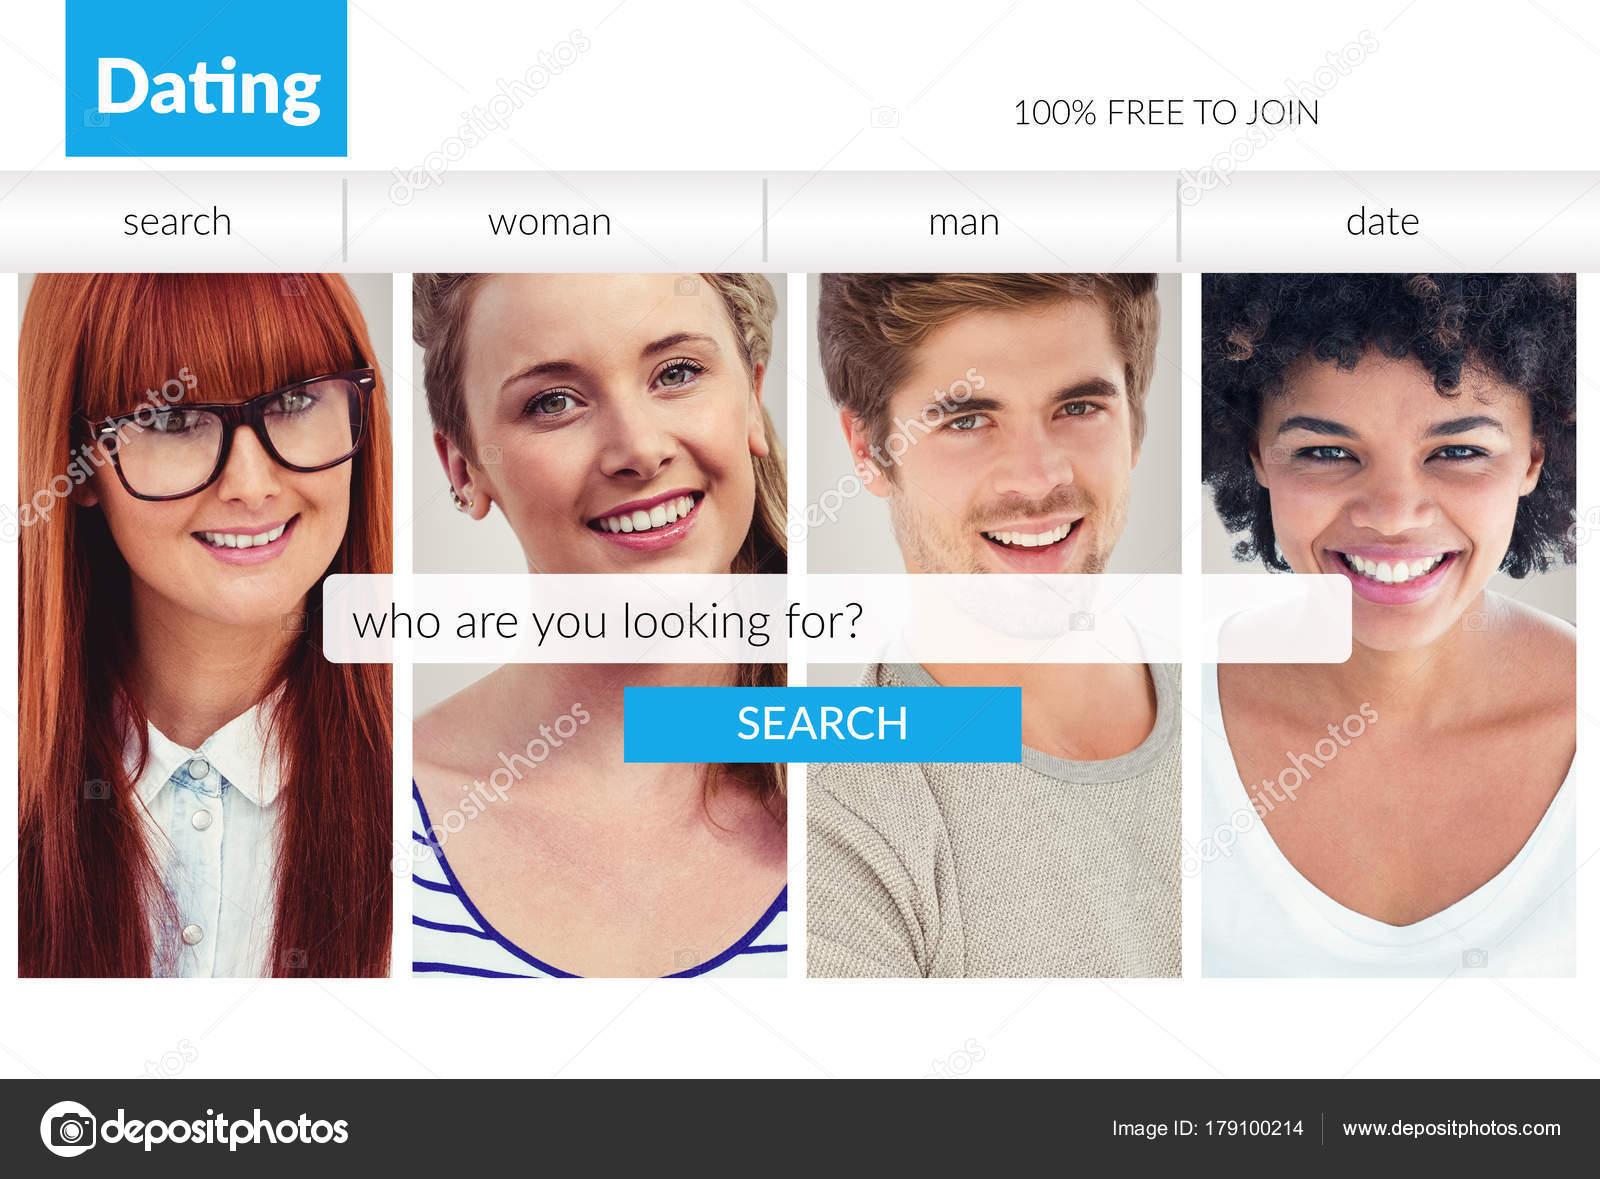 ιστοσελίδες γνωριμιών αναζήτηση δωρεάν